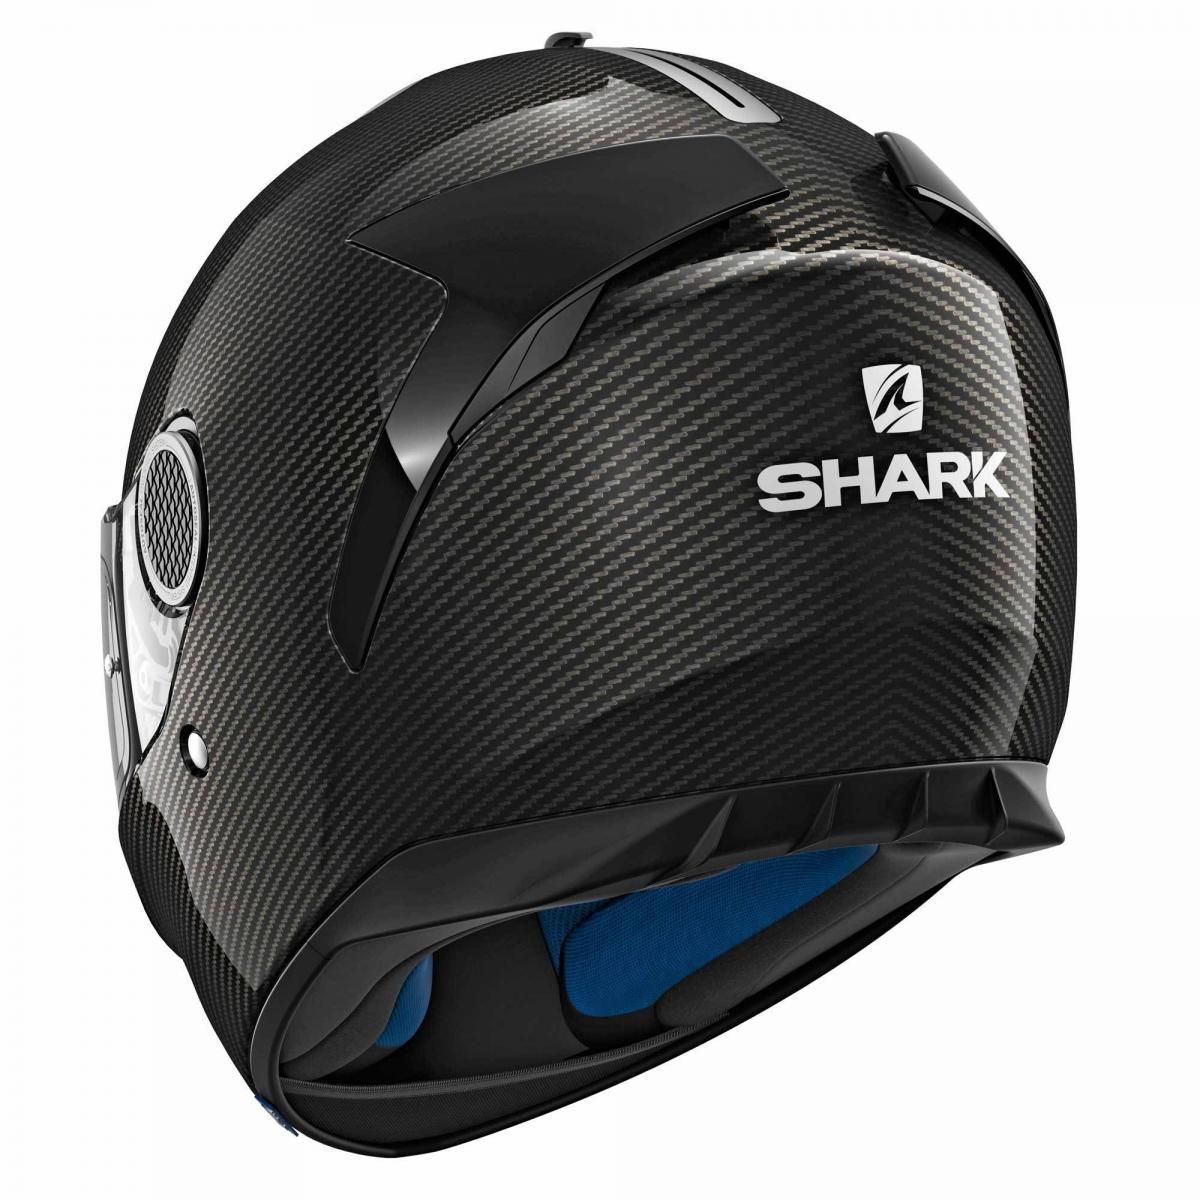 shark spartan carbon skin black shark spartan carbon skin. Black Bedroom Furniture Sets. Home Design Ideas